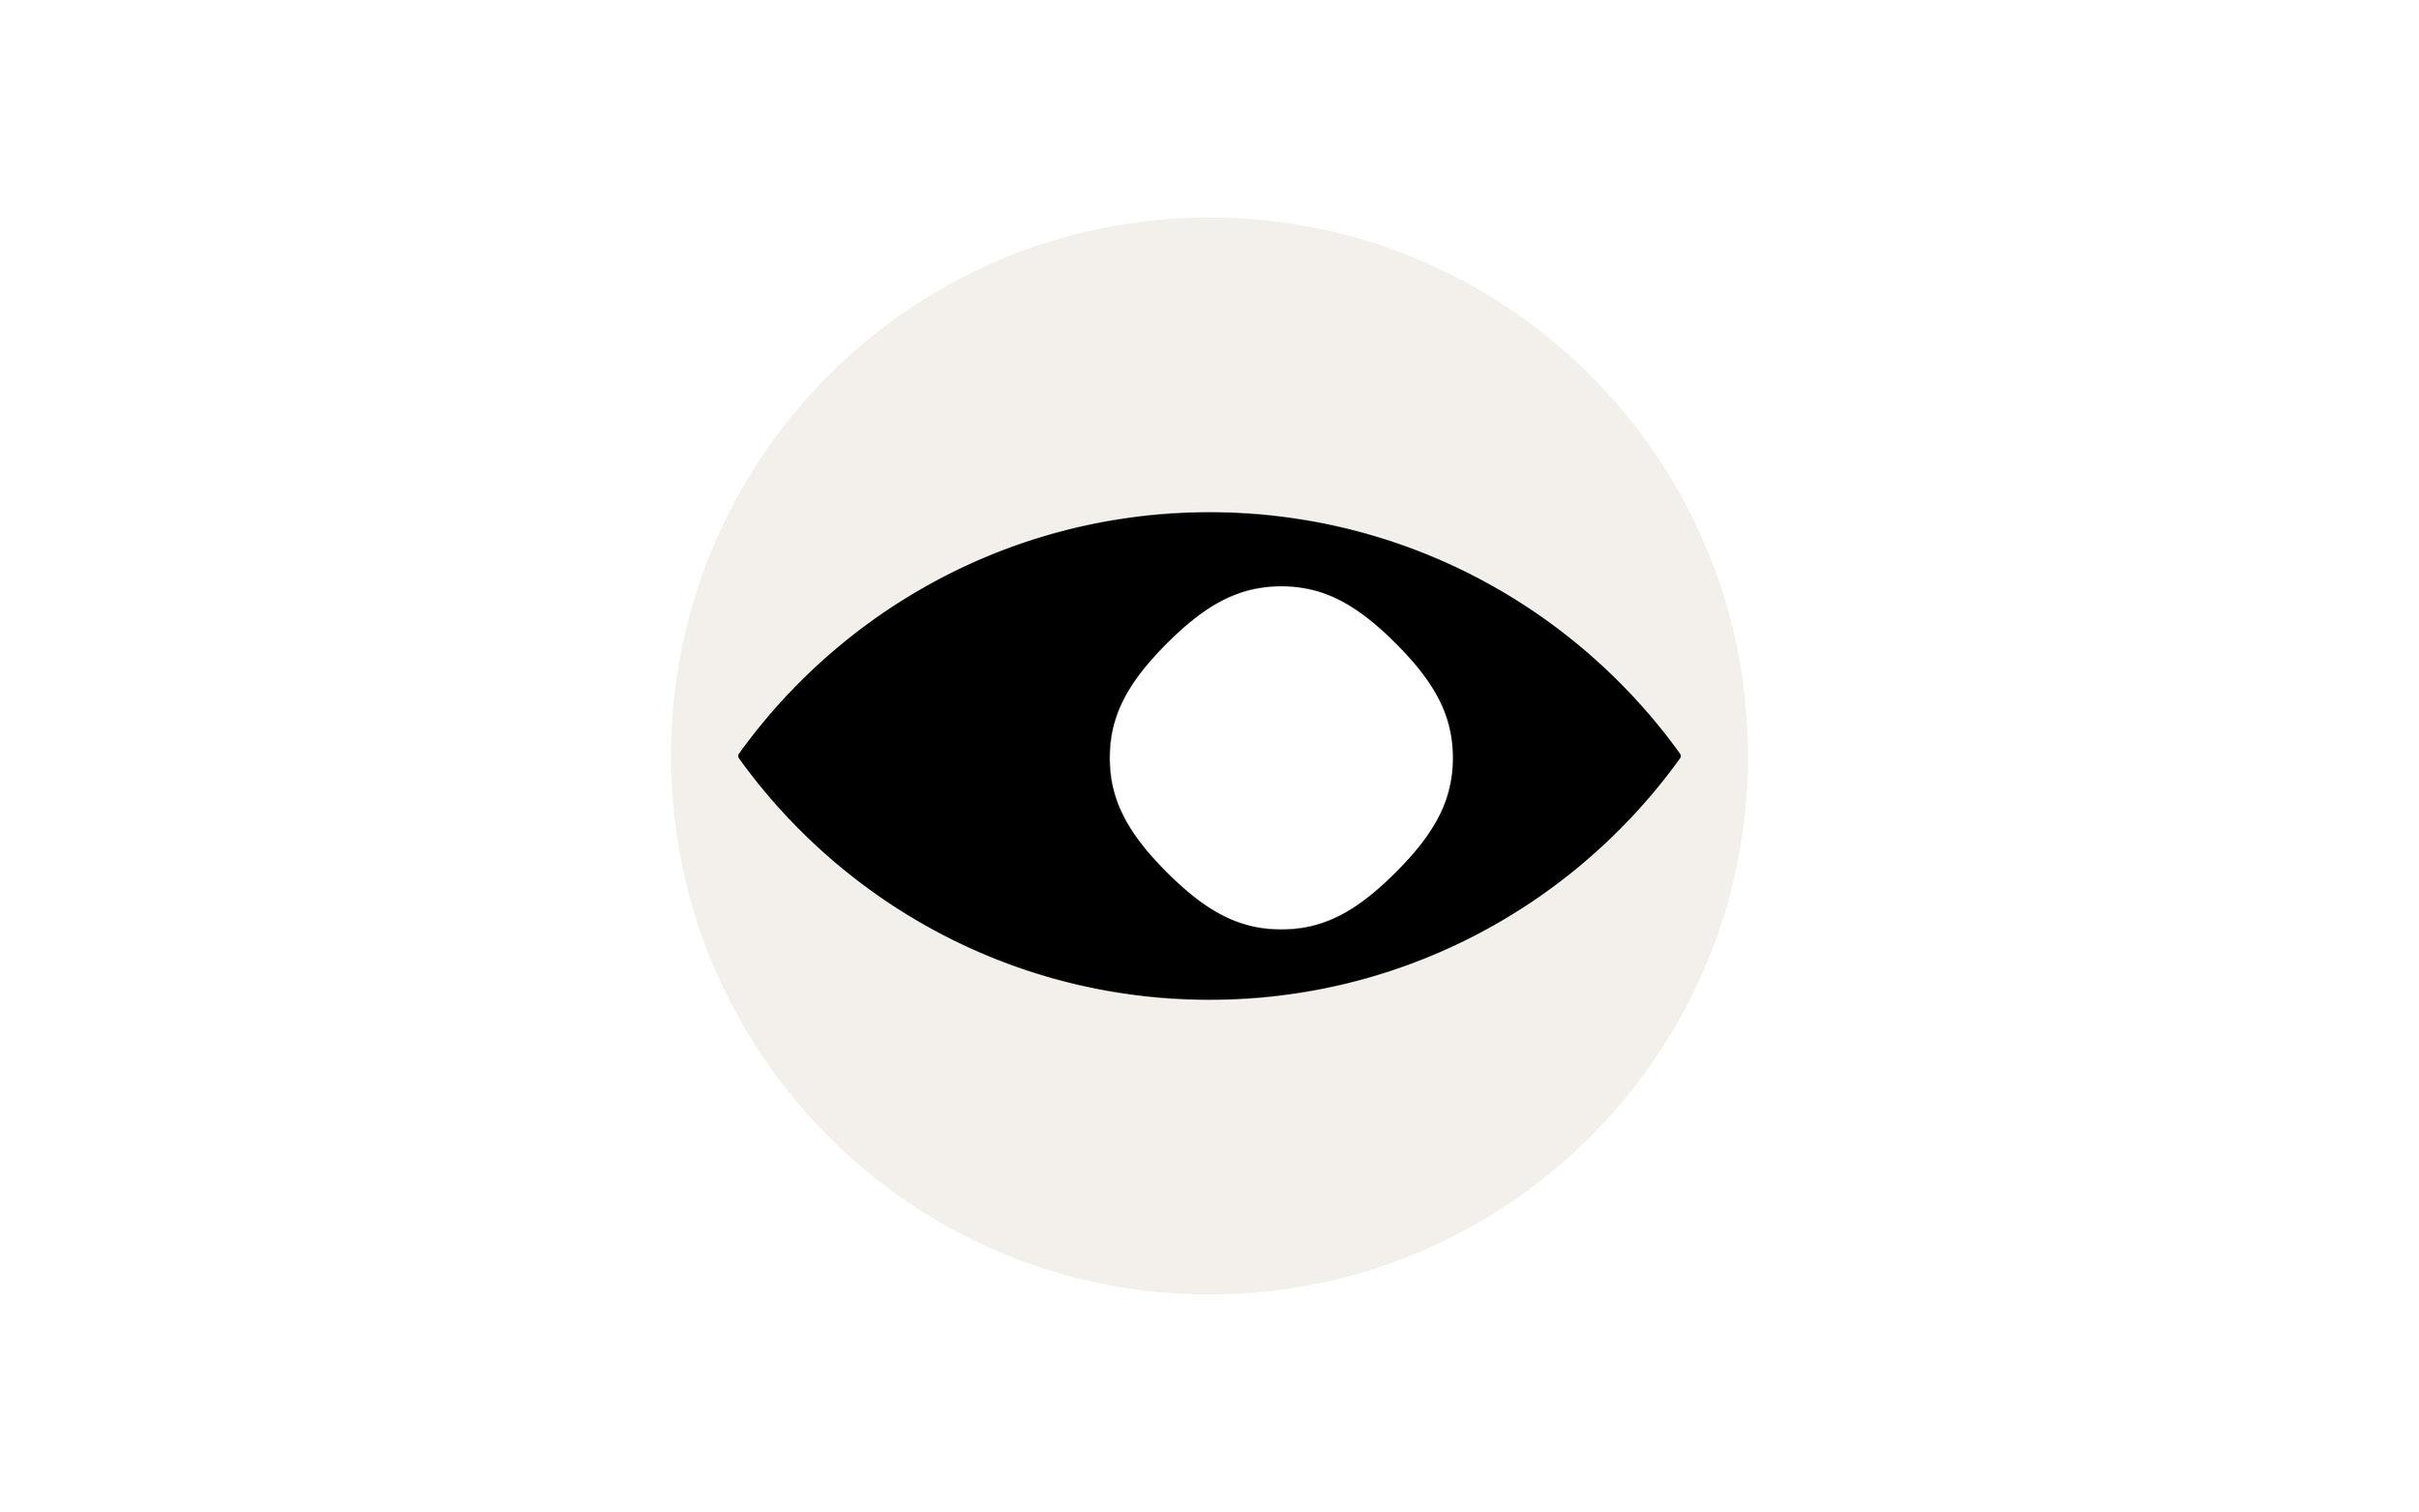 Espion Paris — Logo, Identité visuelle